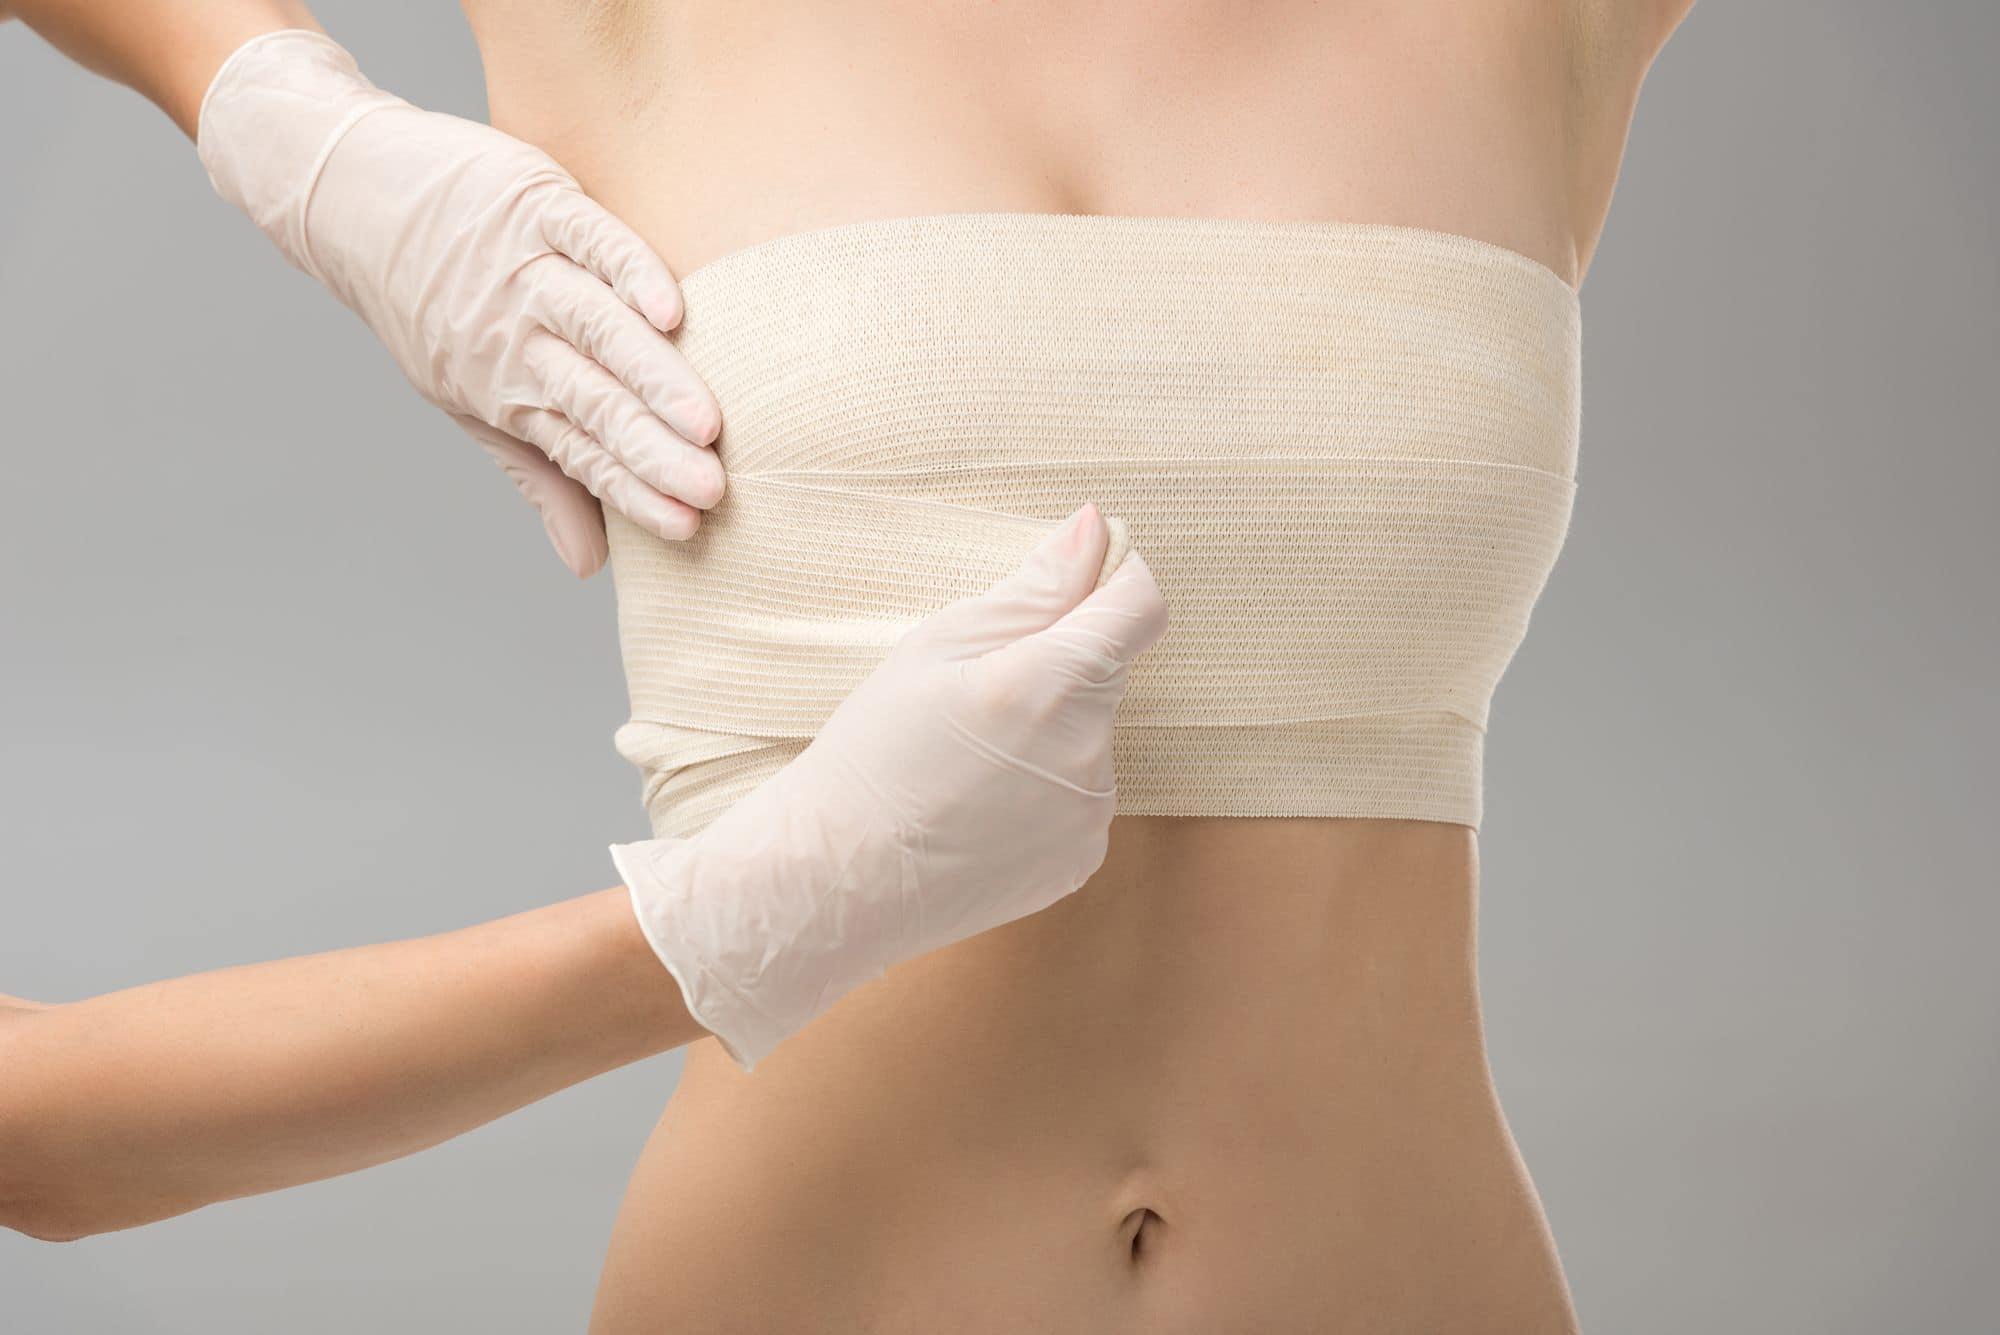 Operacijom se vrši lečenje malignih i dobroćudnih tumora dojke